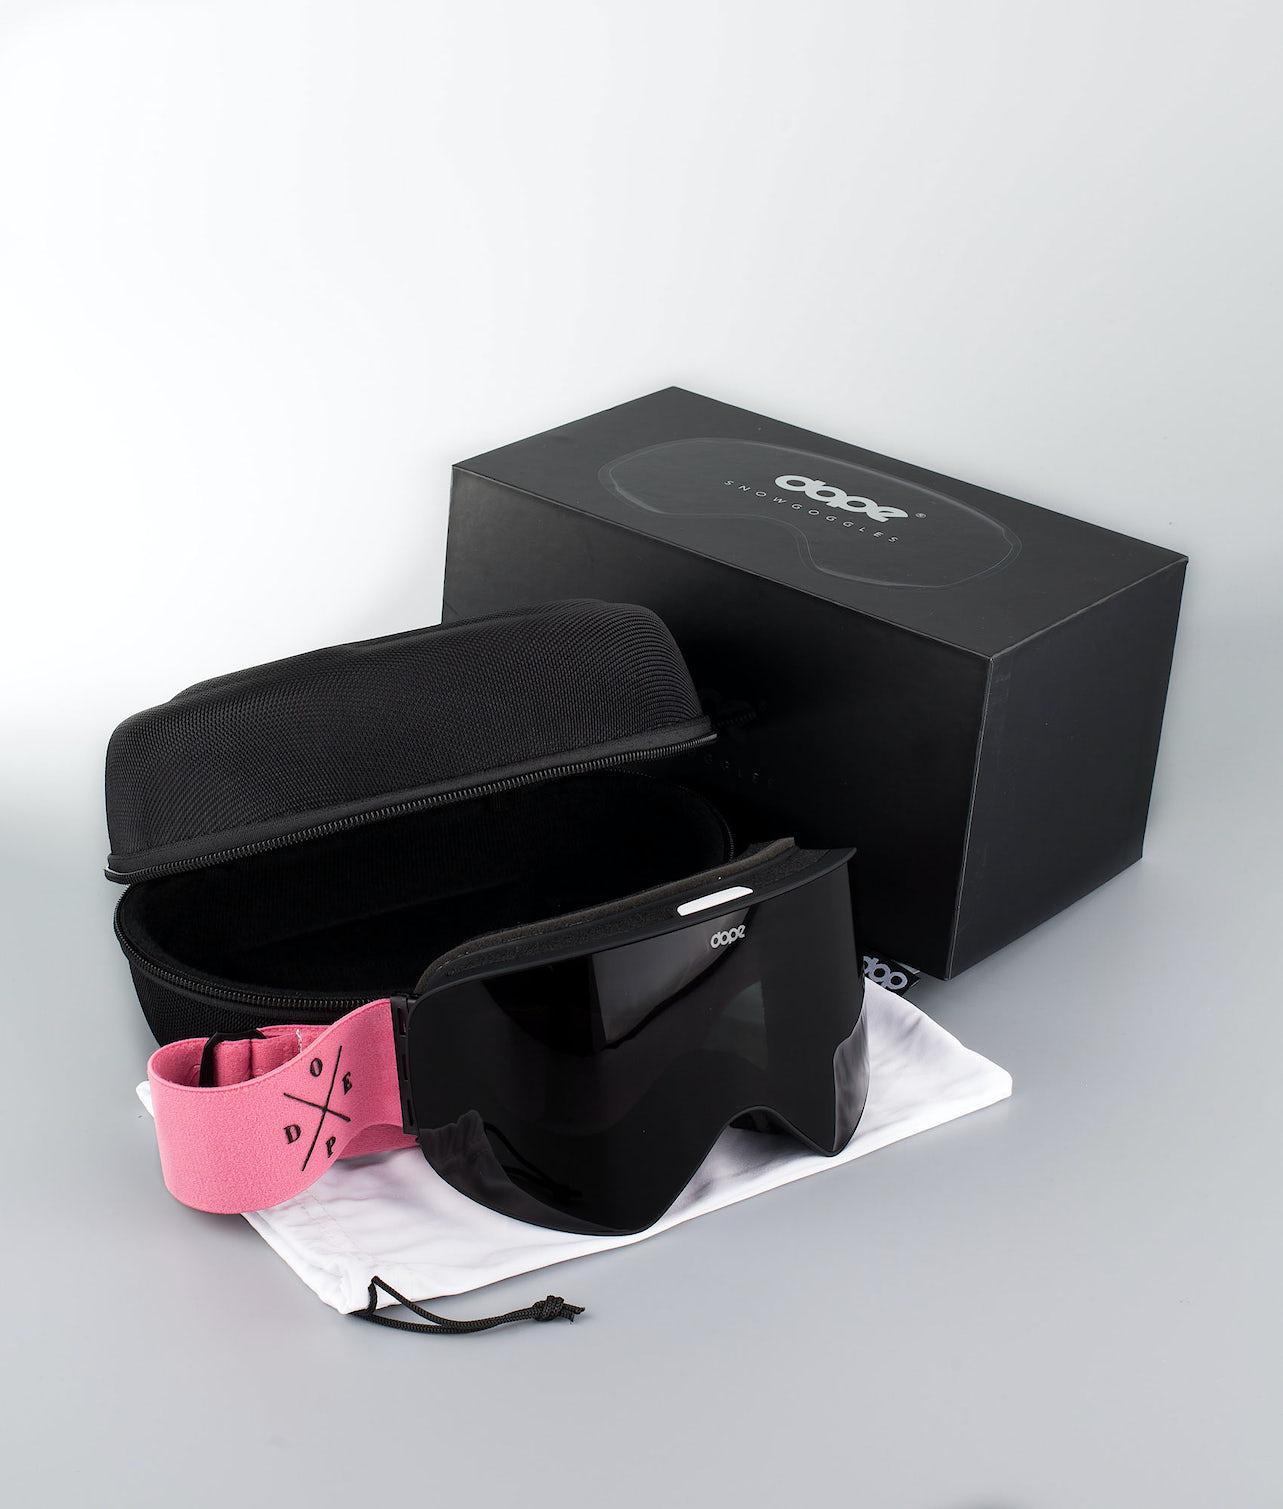 Köp Flush 2X-UP Skidglasögon från Dope på Ridestore.se Hos oss har du alltid fri frakt, fri retur och 30 dagar öppet köp!